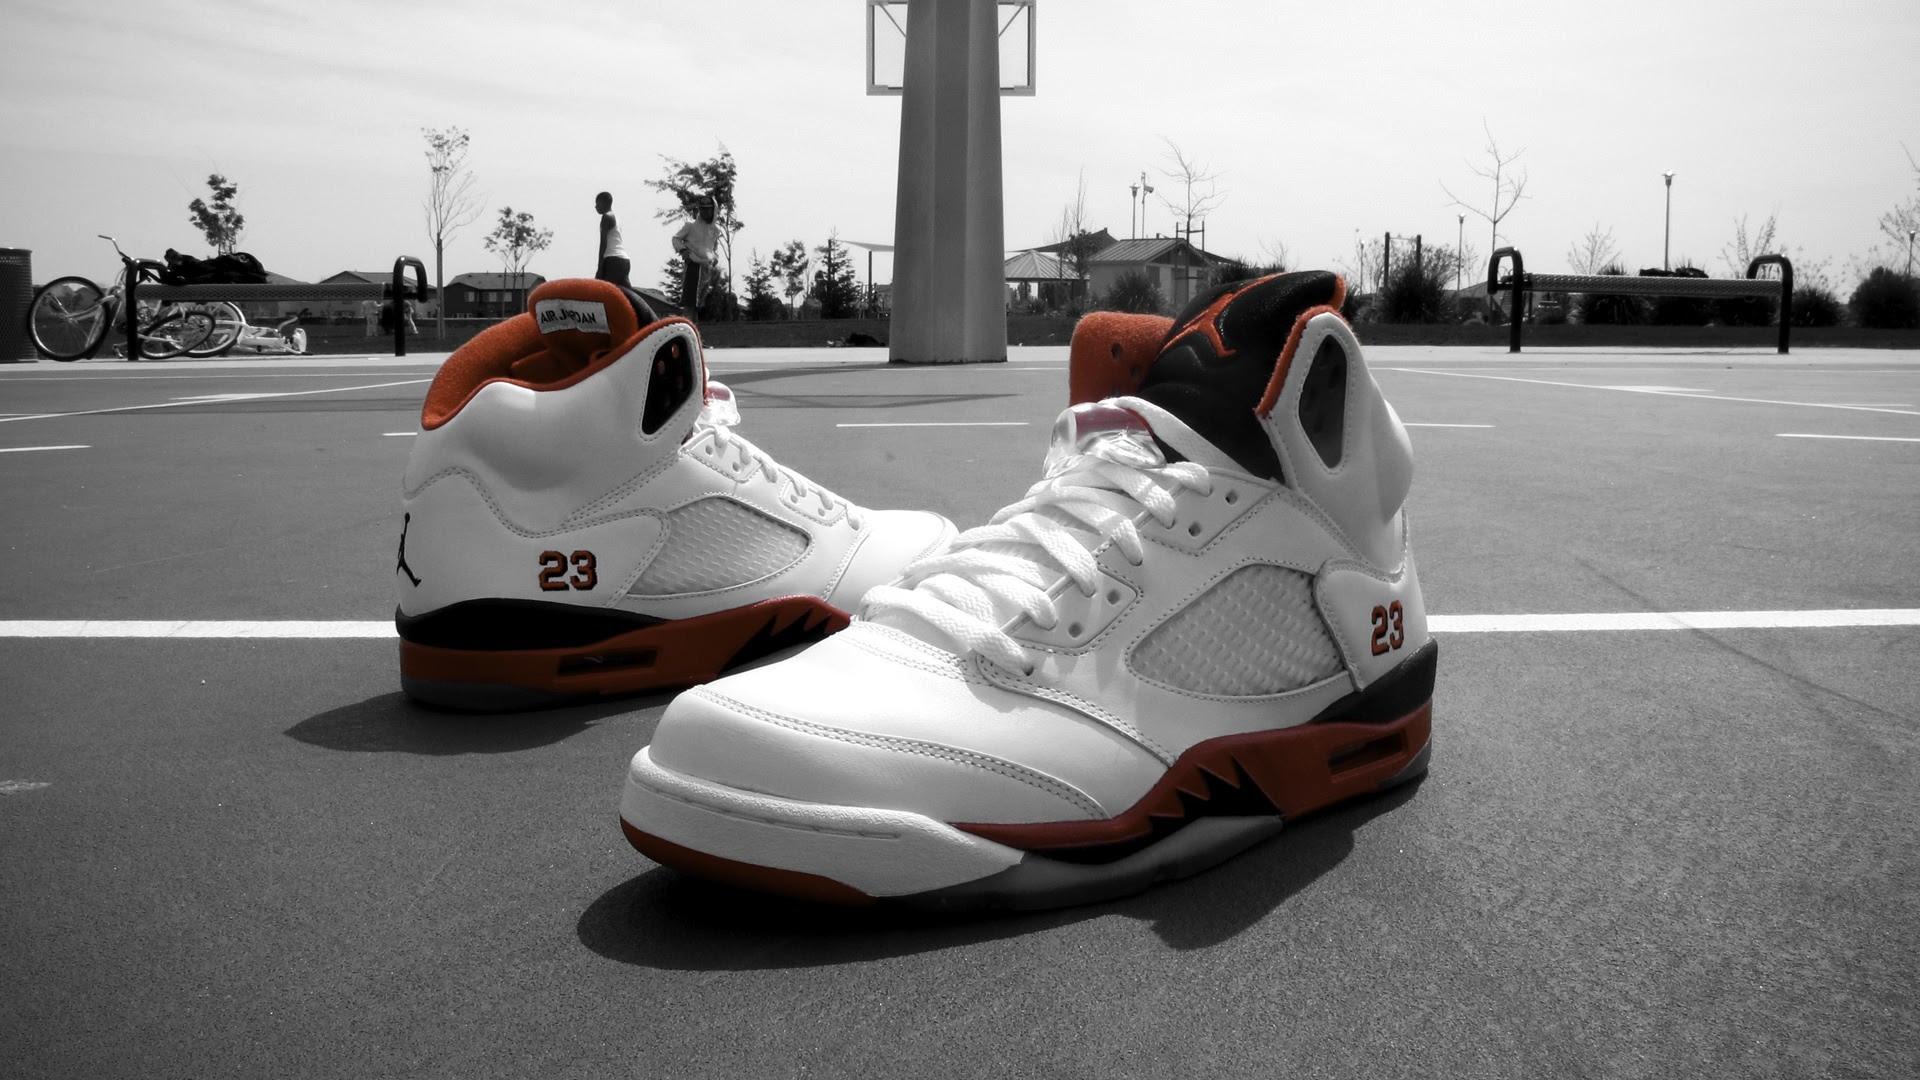 Nike Air Jordan Shoes Wallpaper Pictures